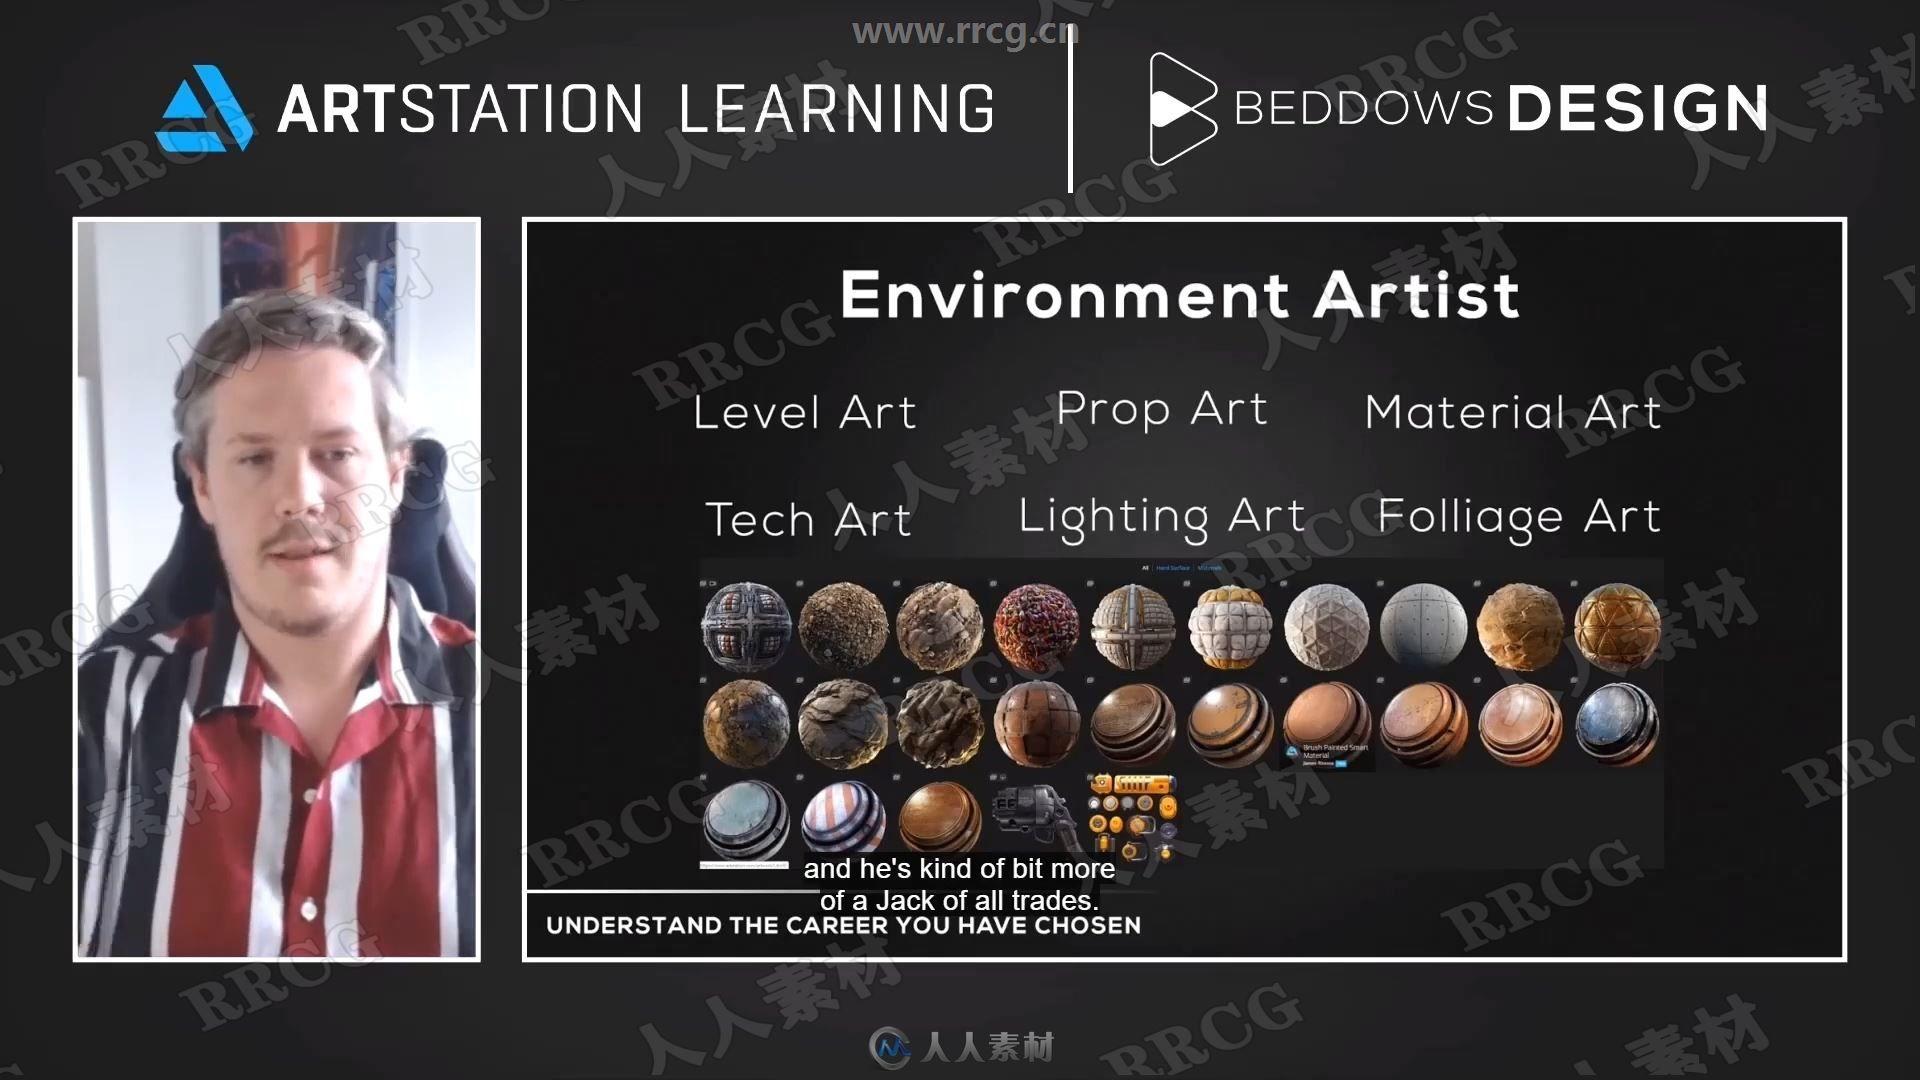 游戏环境艺术家Alex Beddows学习与职业规划视频教程